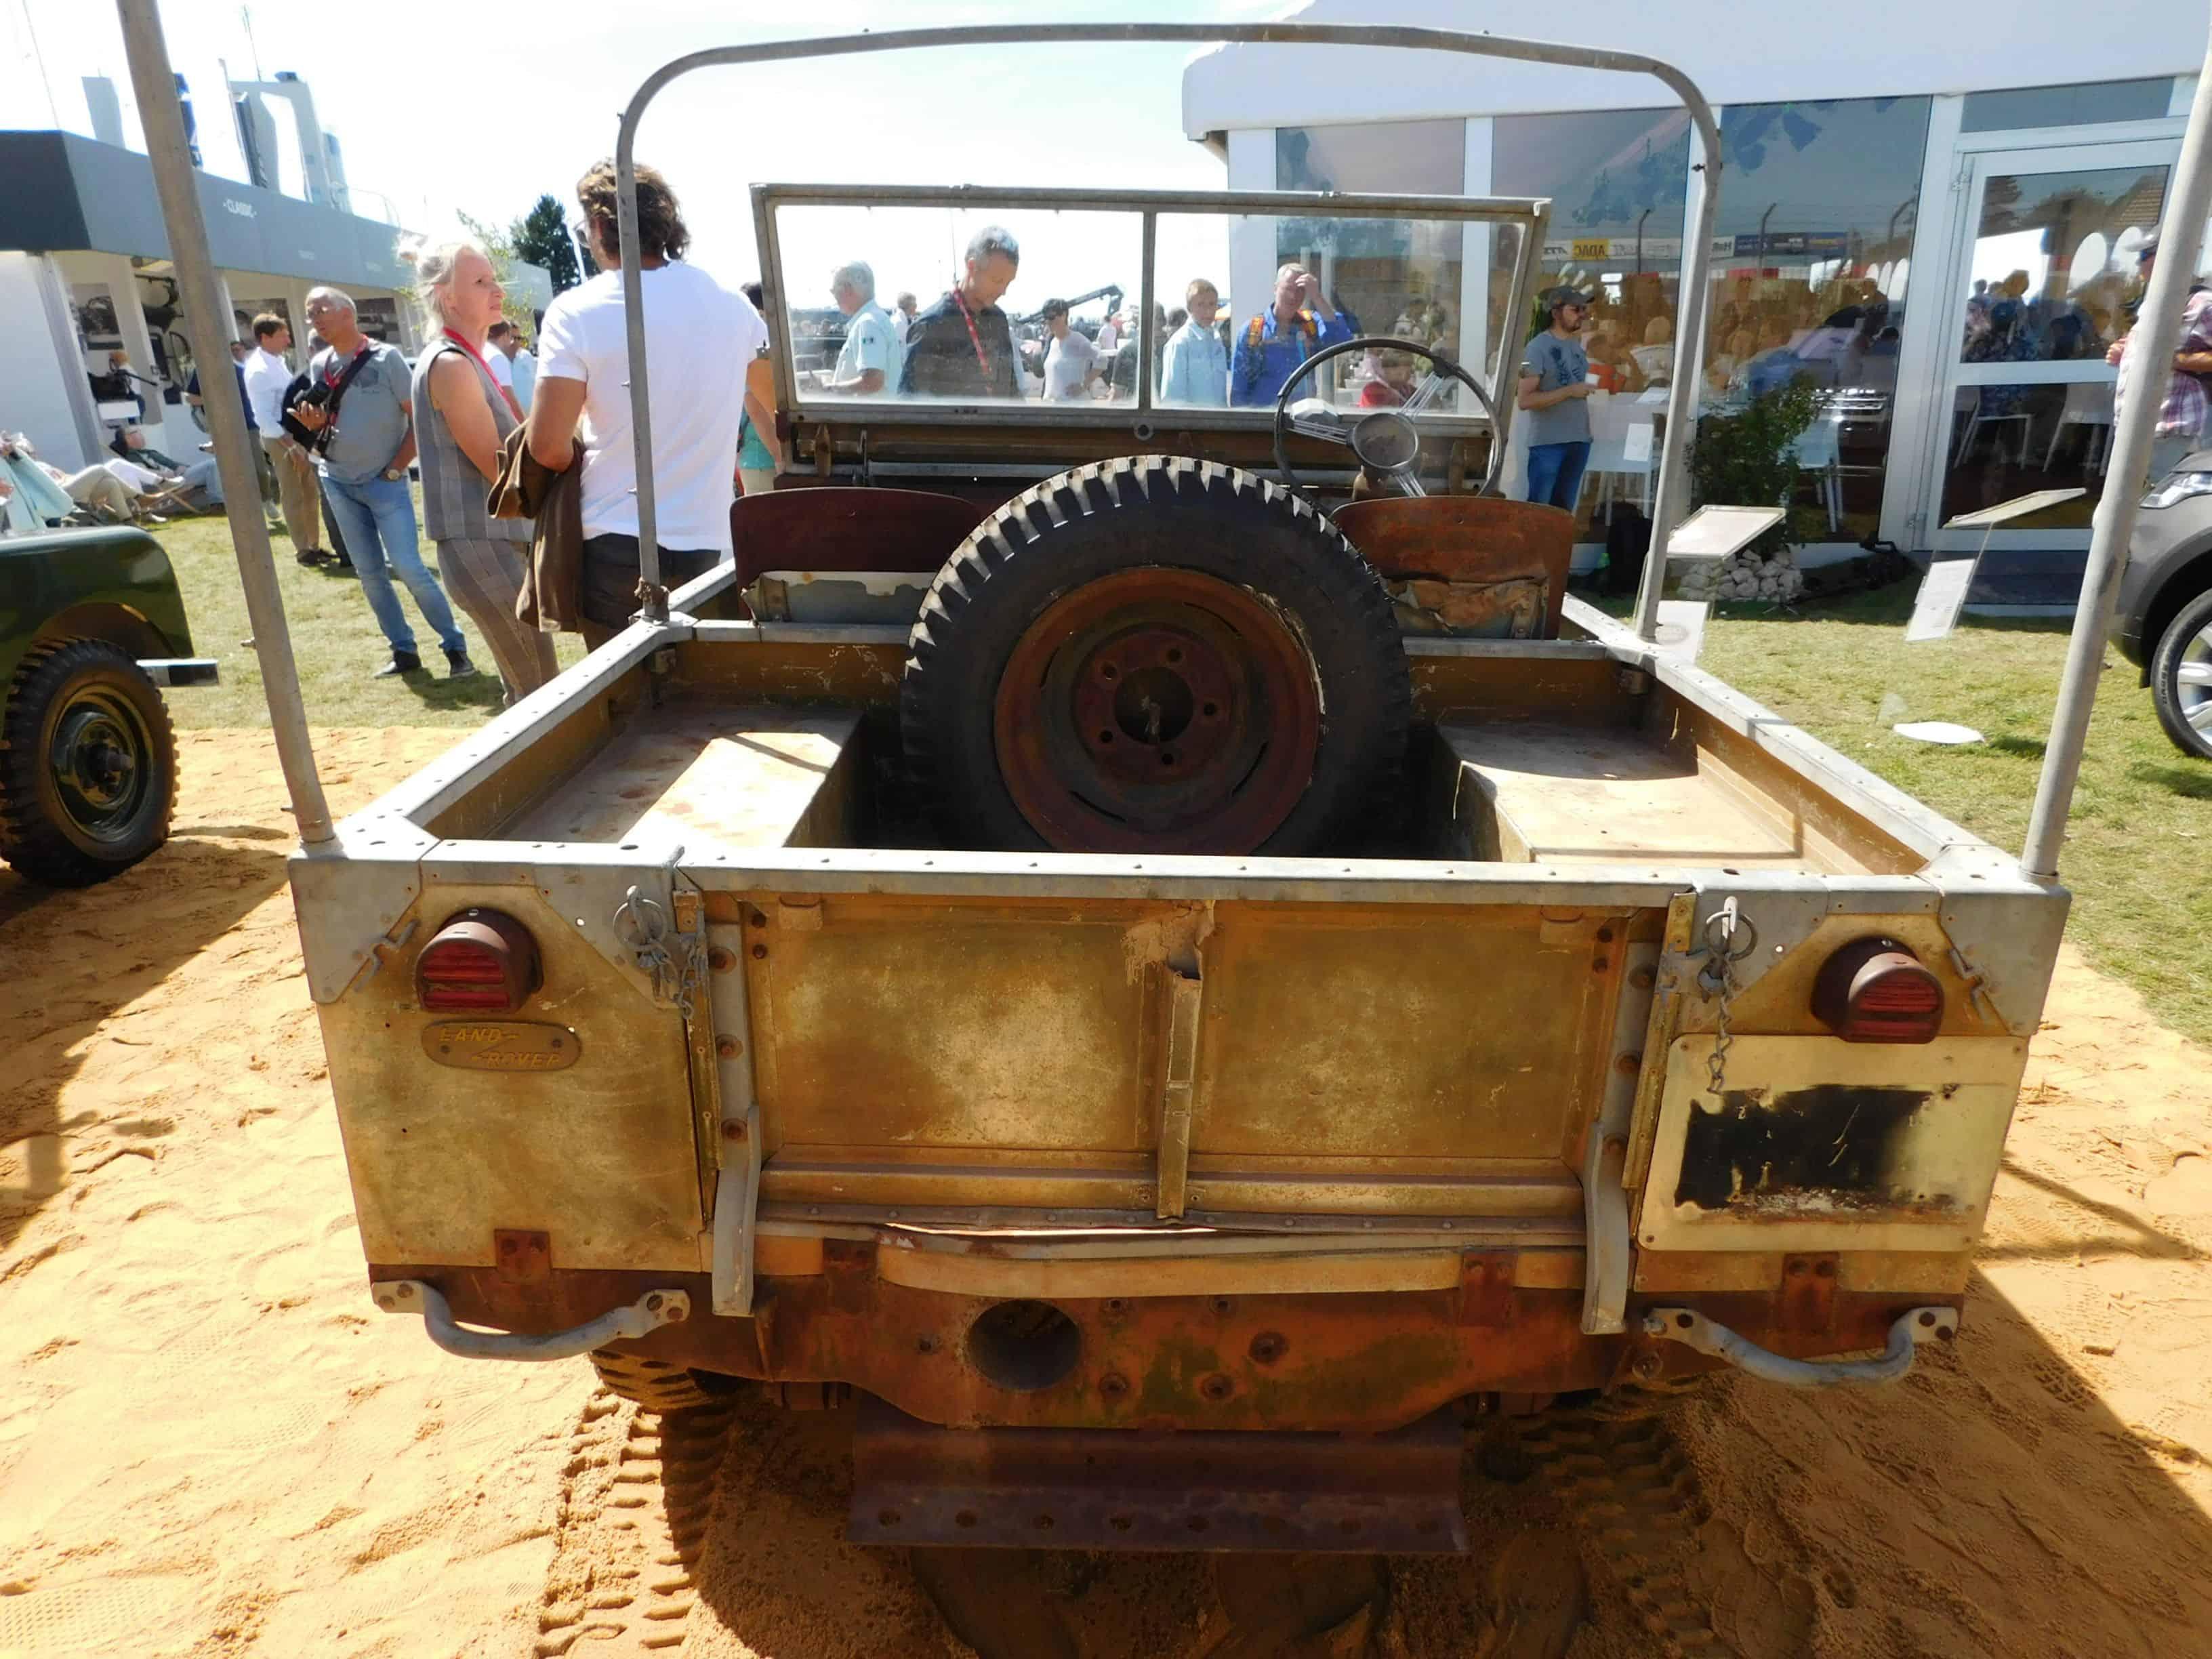 Das schönste Geburtstagsgeschenk macht sich Land Rover selbst